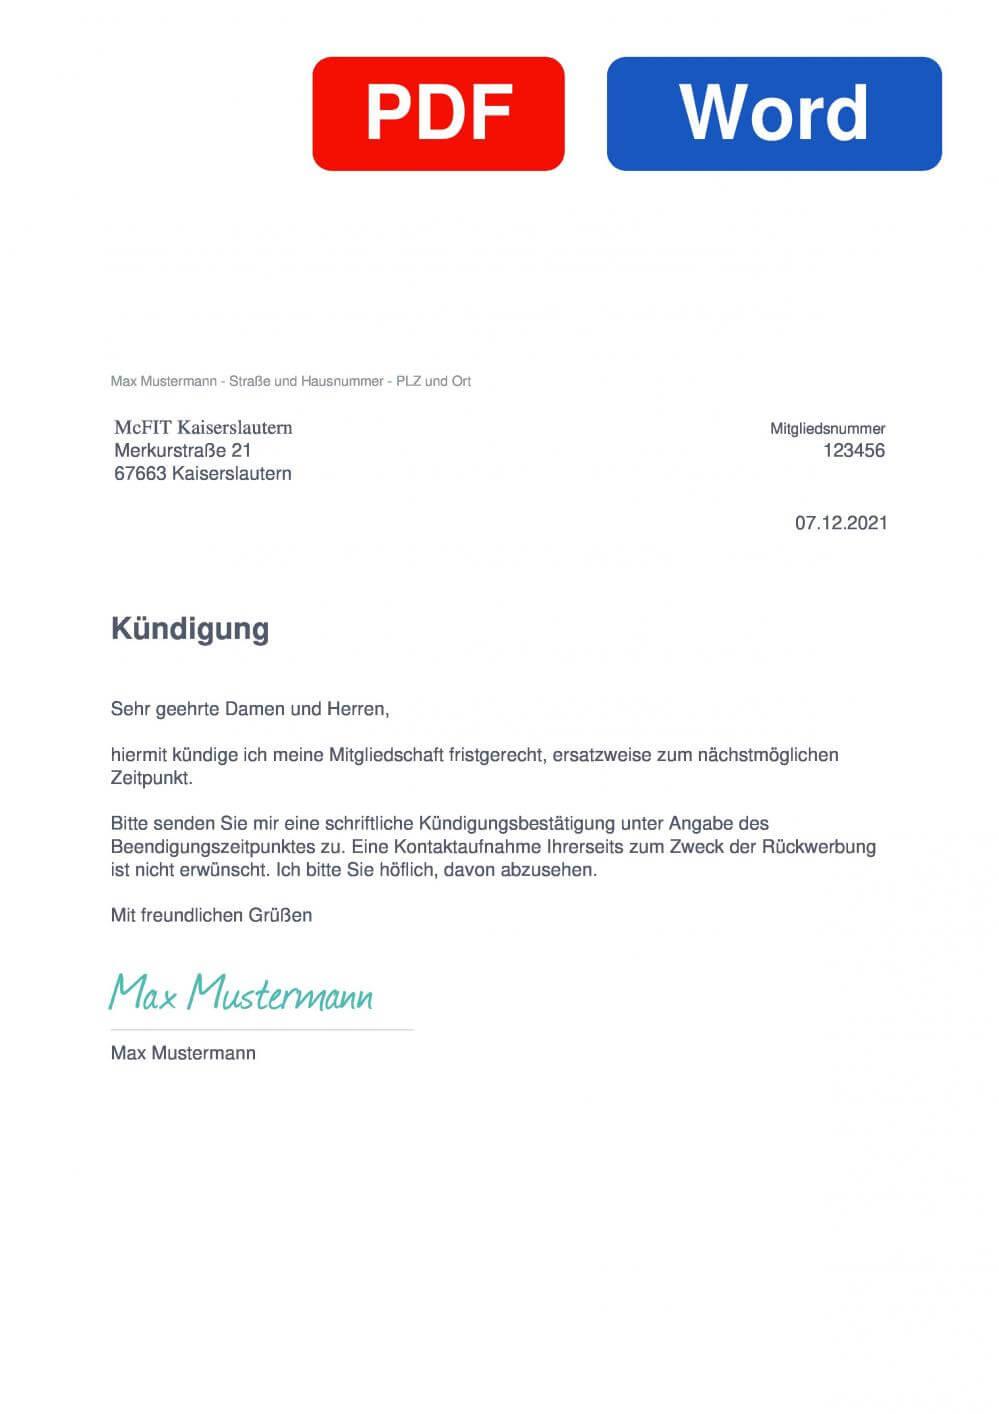 McFIT Kaiserslautern Muster Vorlage für Kündigungsschreiben